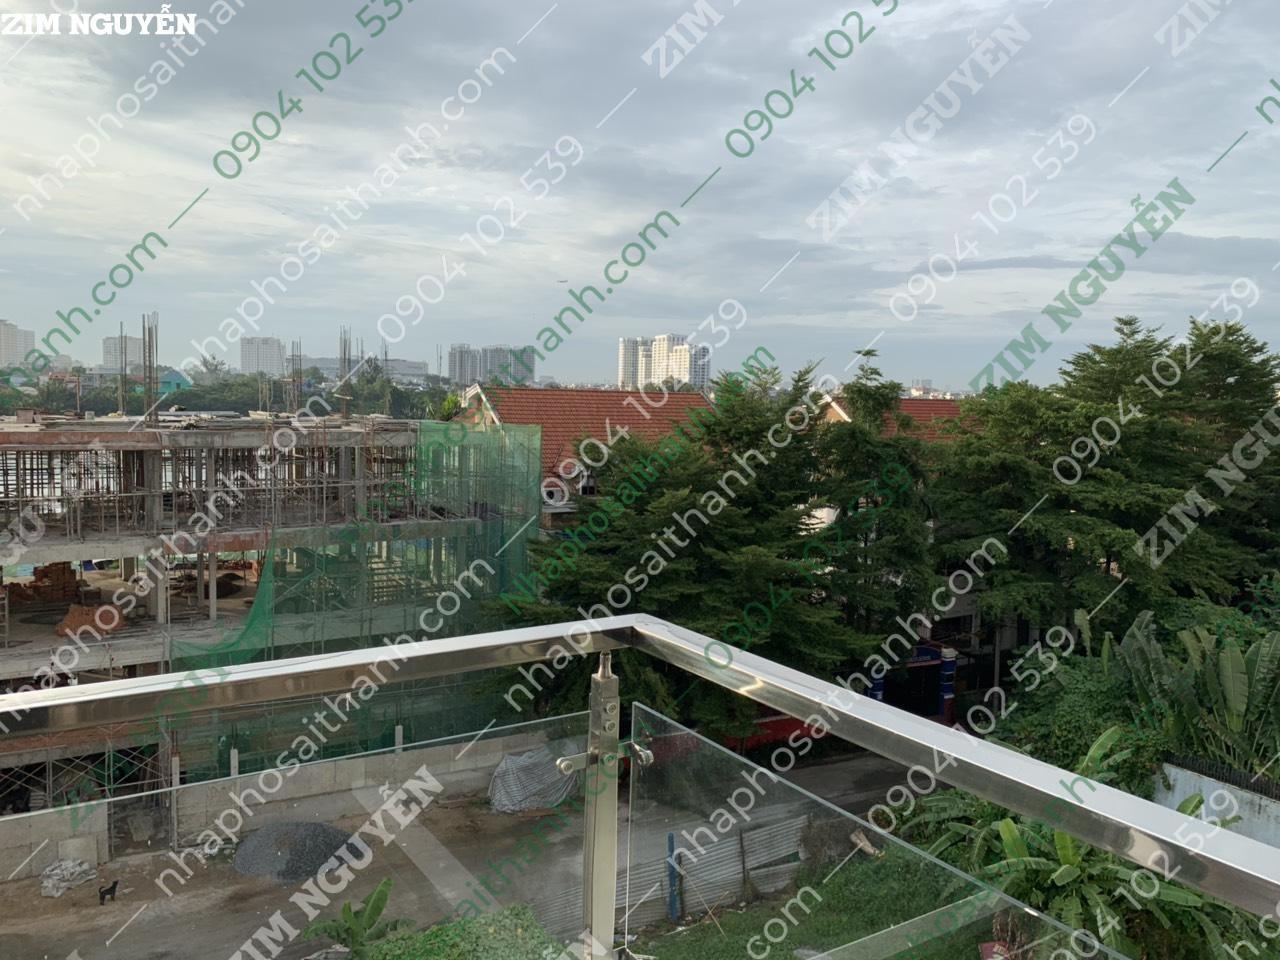 173 Nguyễn Văn Hưởng